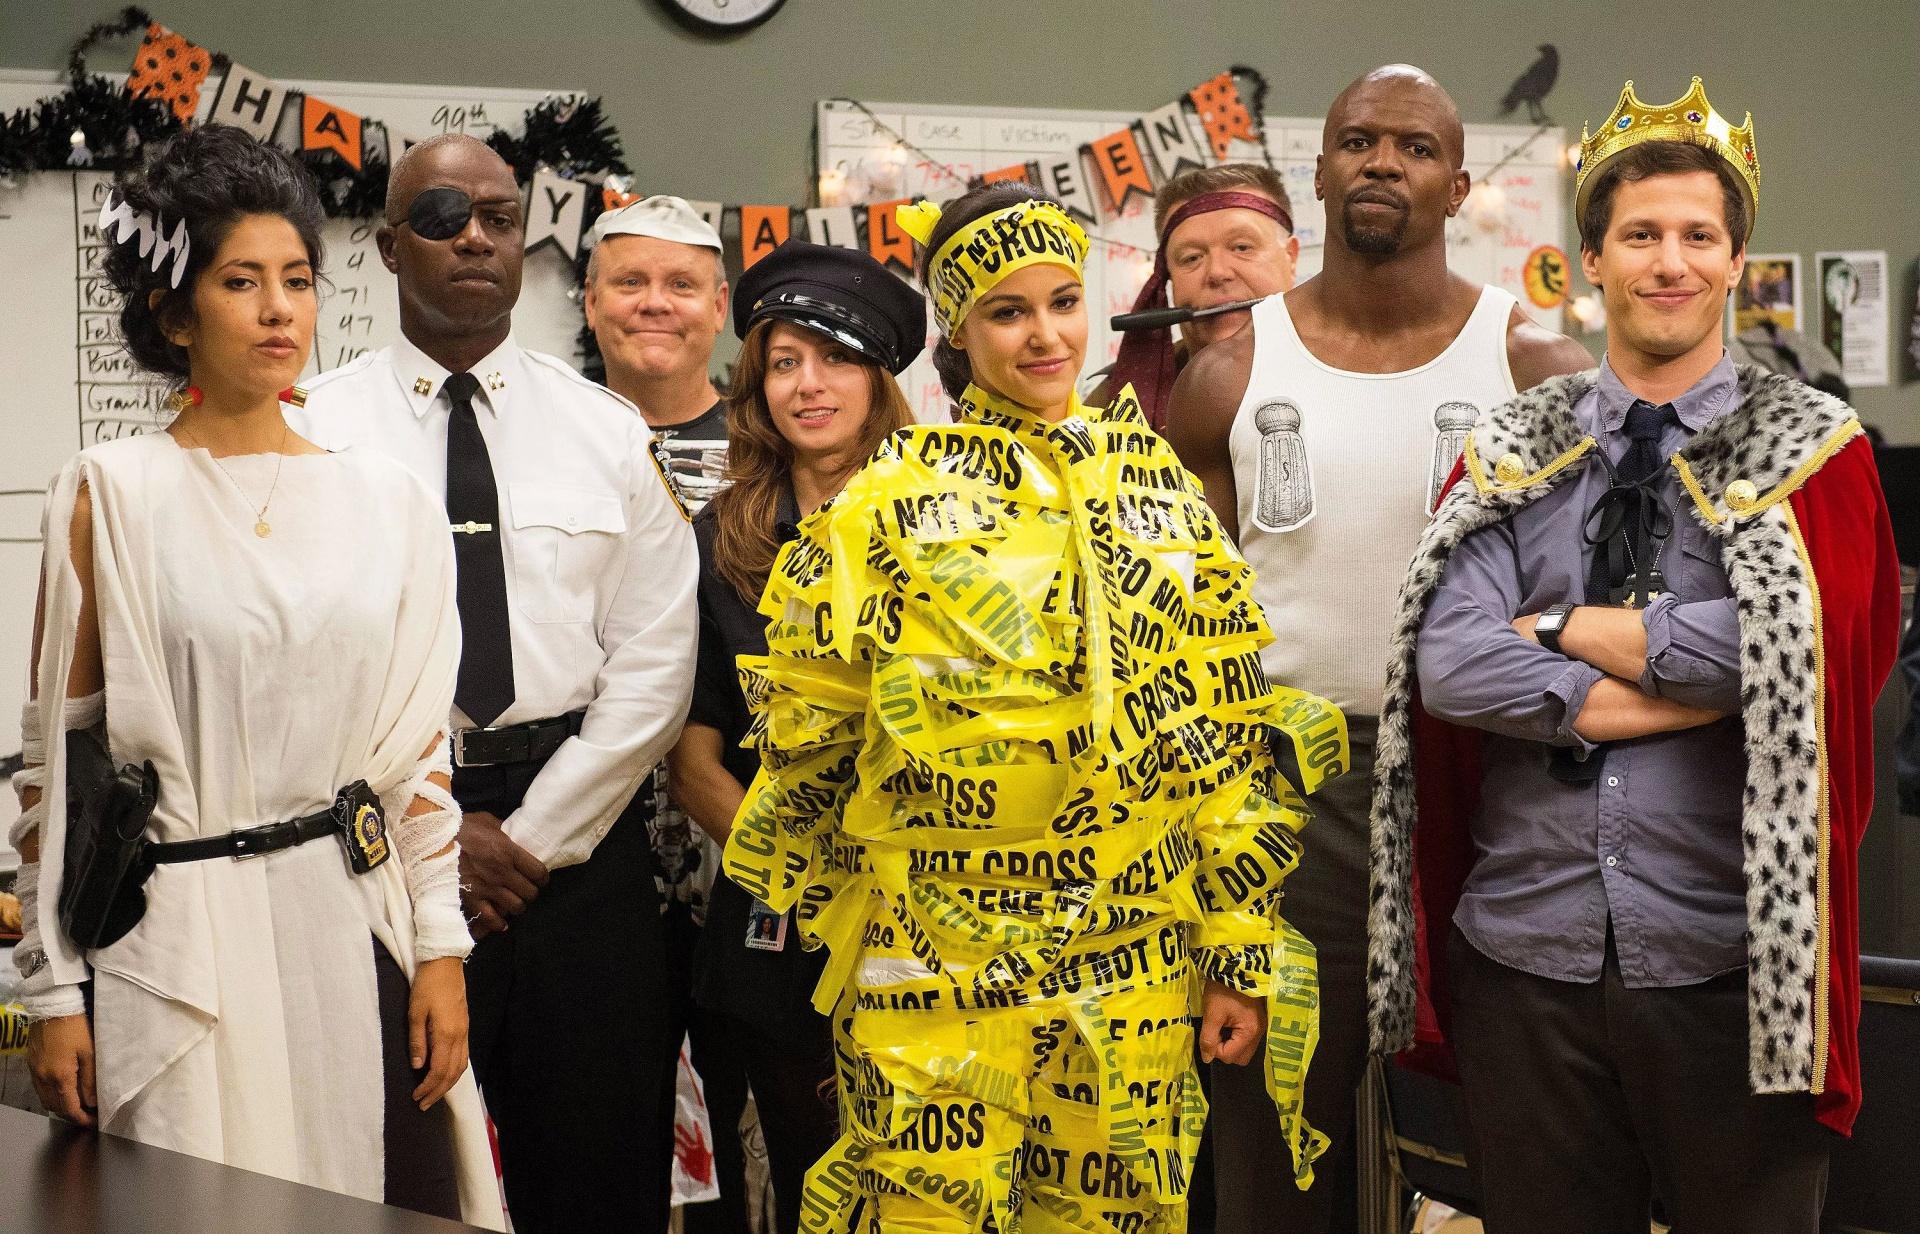 До премьеры седьмого сезона Brooklyn Nine-Nine осталось три месяца